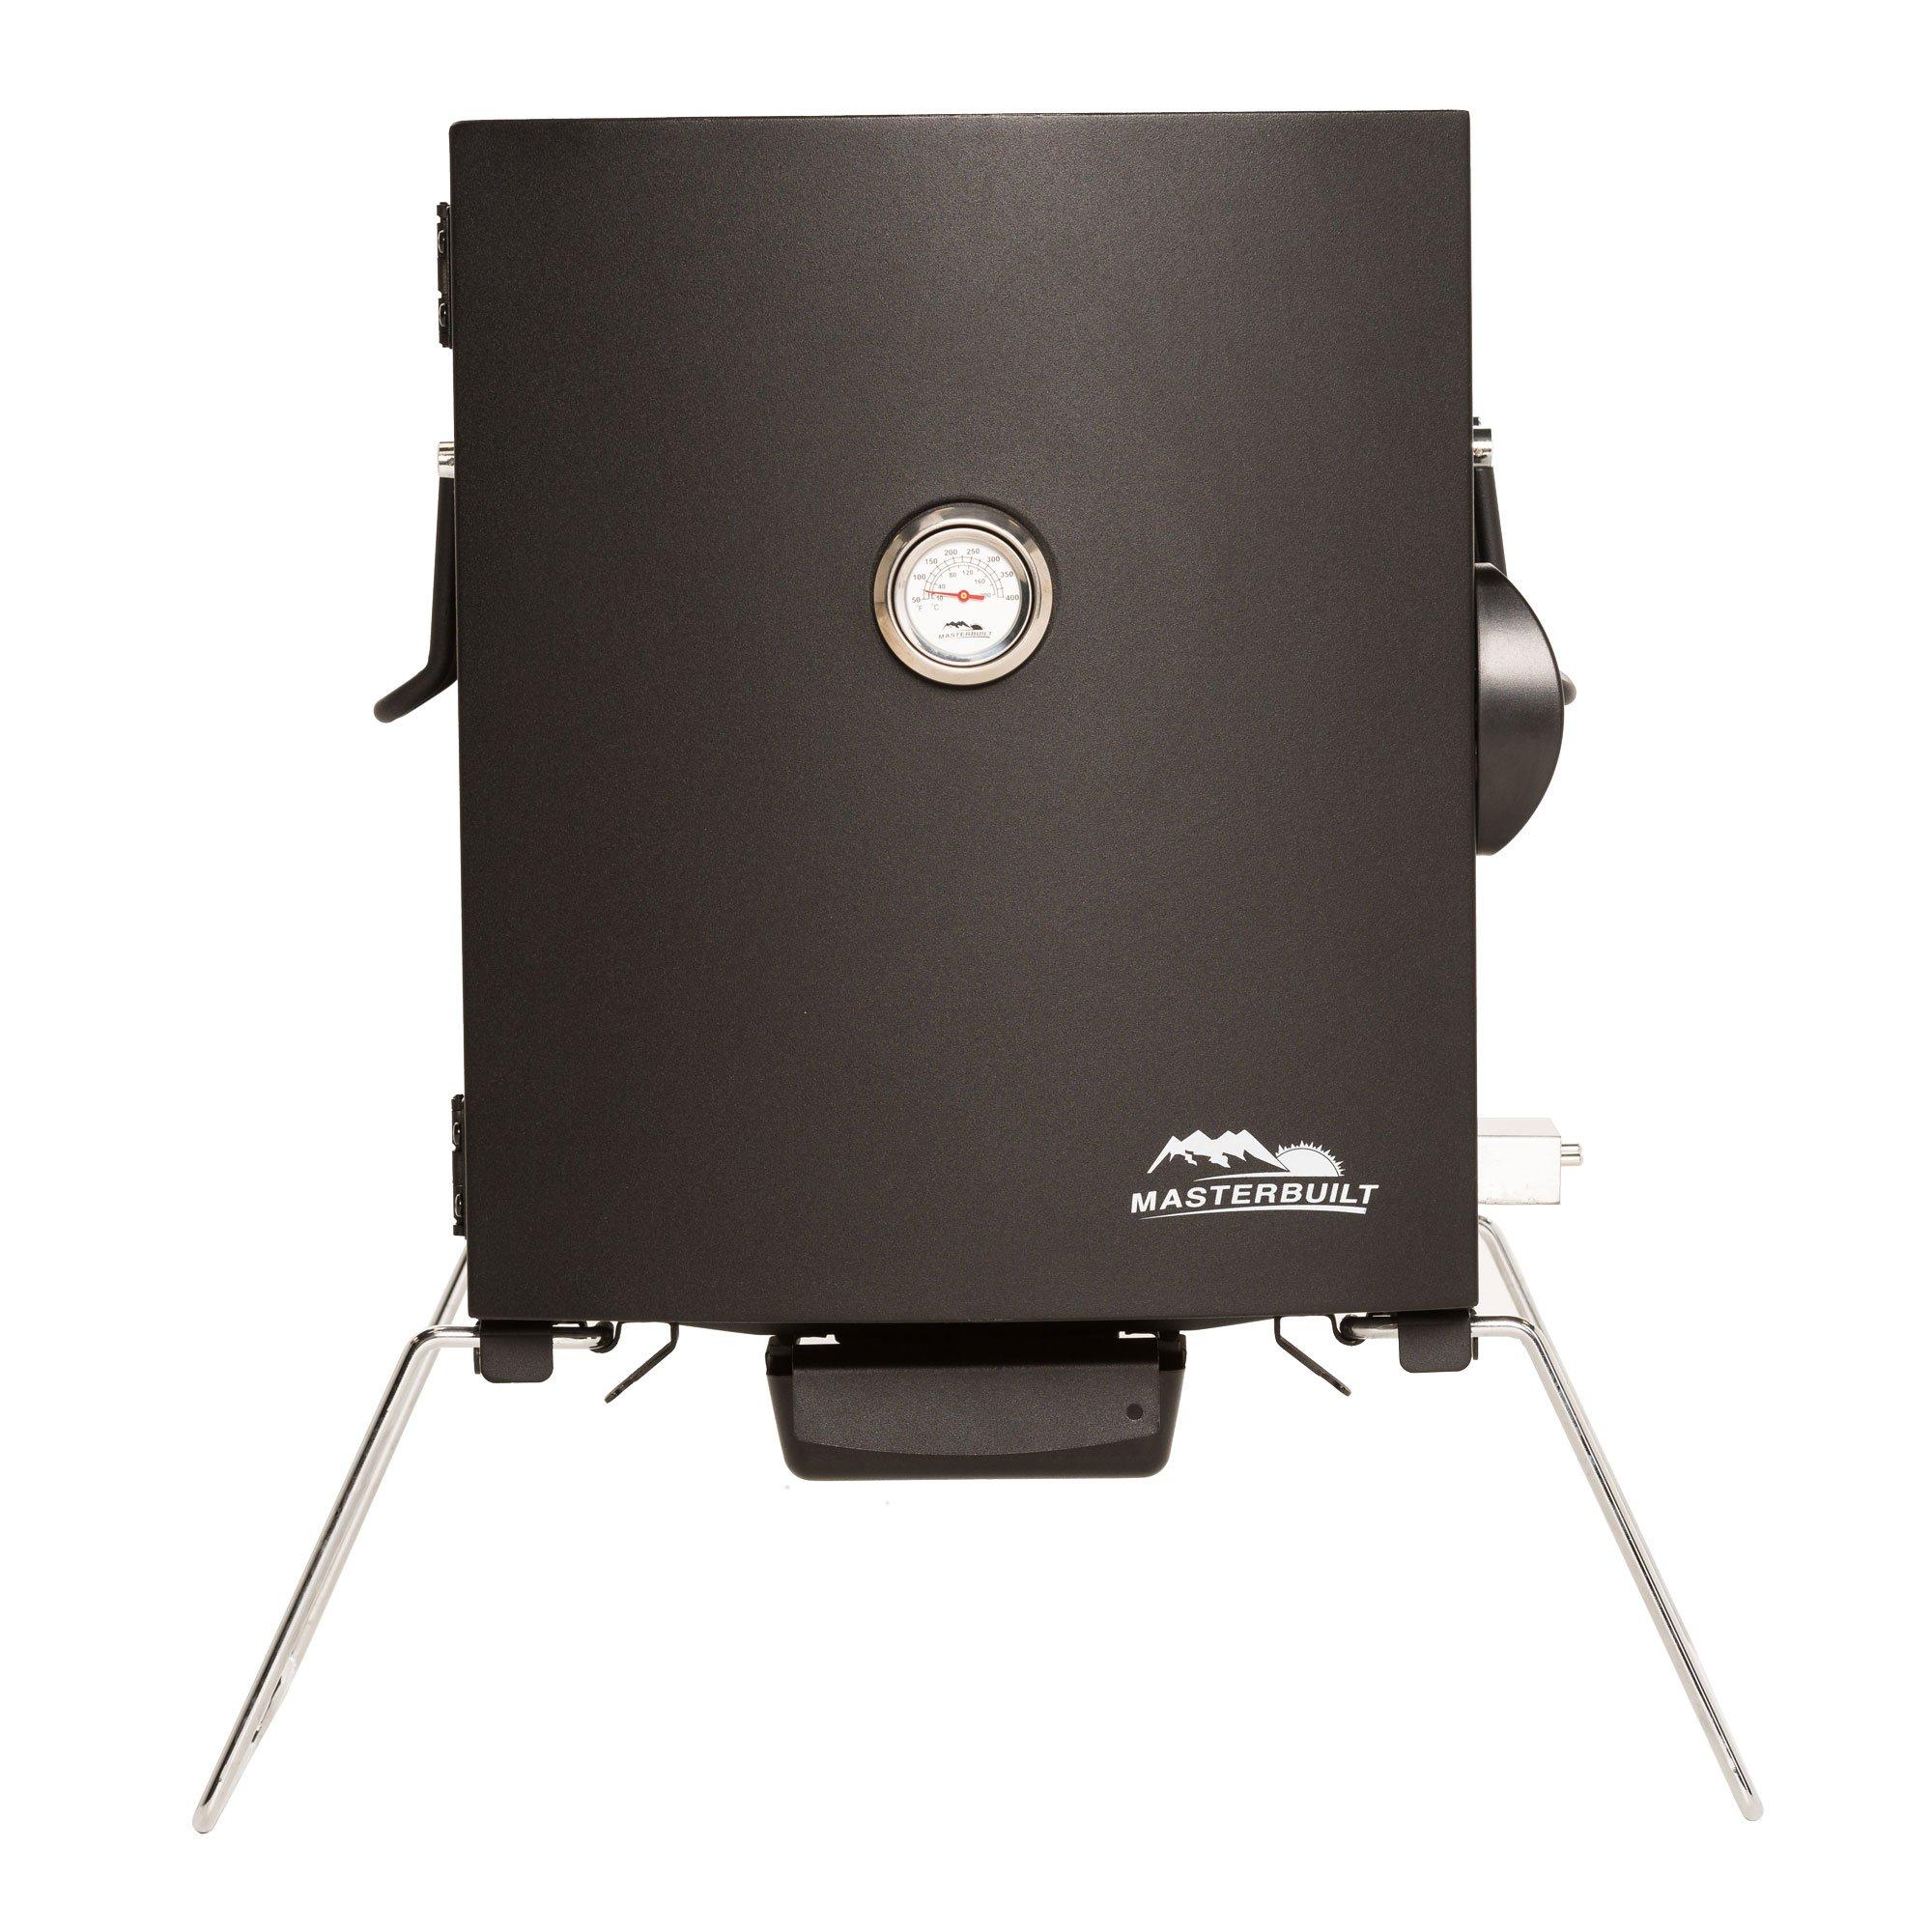 Masterbuilt Patio-2-Portable Smoker (Certified Refurbished)